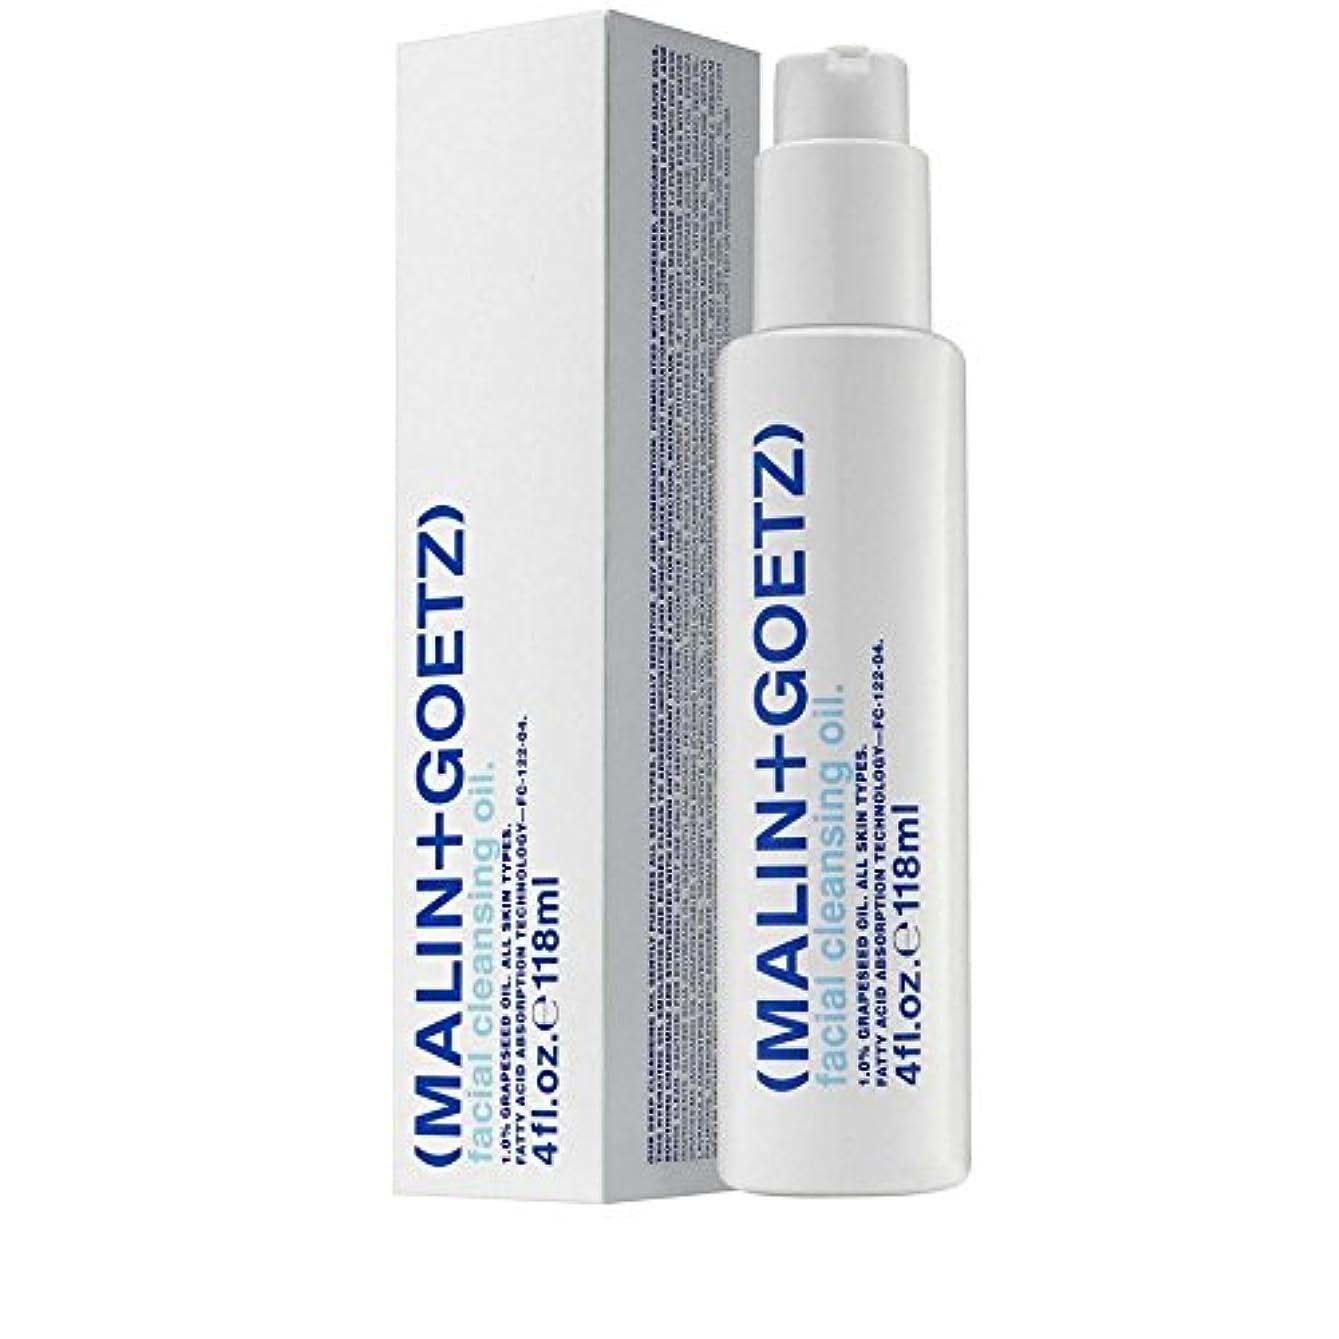 かすかな遠足郊外MALIN+GOETZ Facial Cleansing Oil 118ml - マリン+ゲッツ洗顔オイル118ミリリットル [並行輸入品]